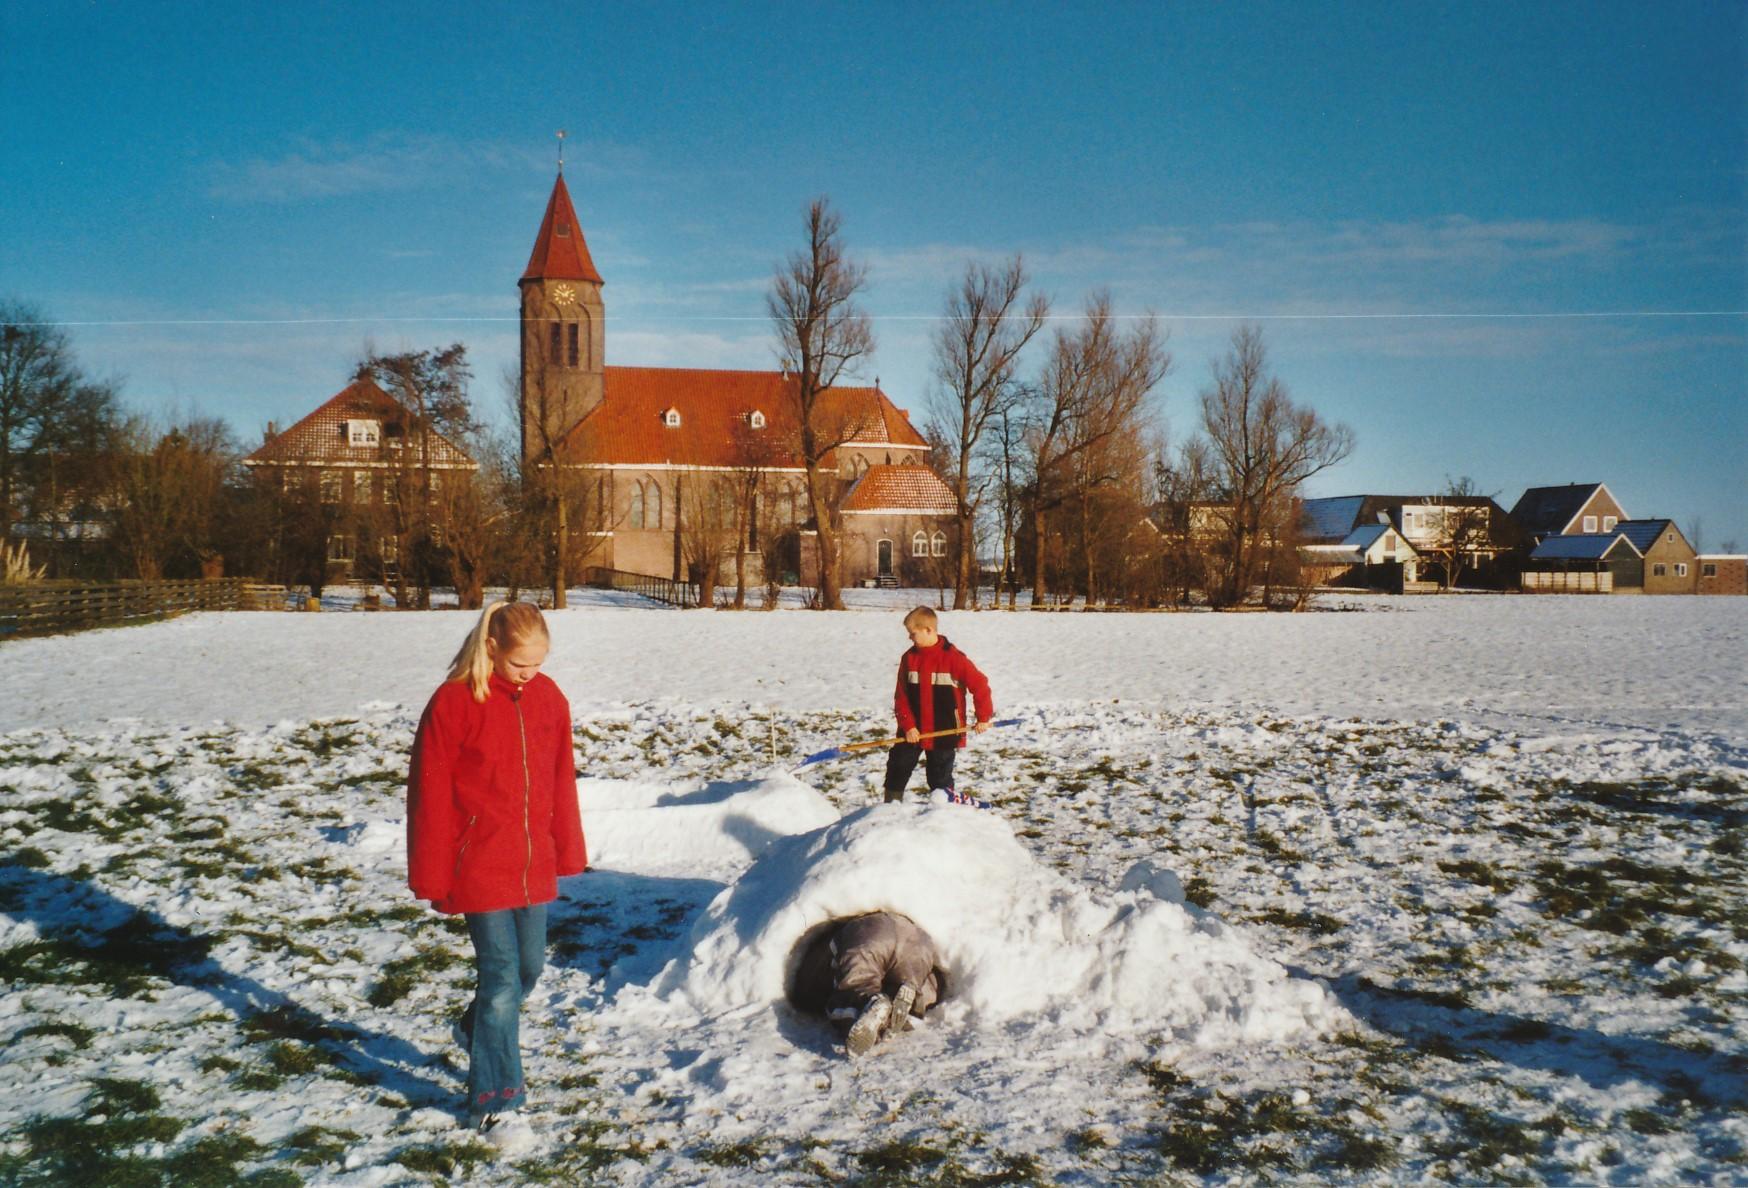 Fotoalbum Anneke Miedema, 083, Sape, Jitske en Wierd Miedema, winter 2001-2002